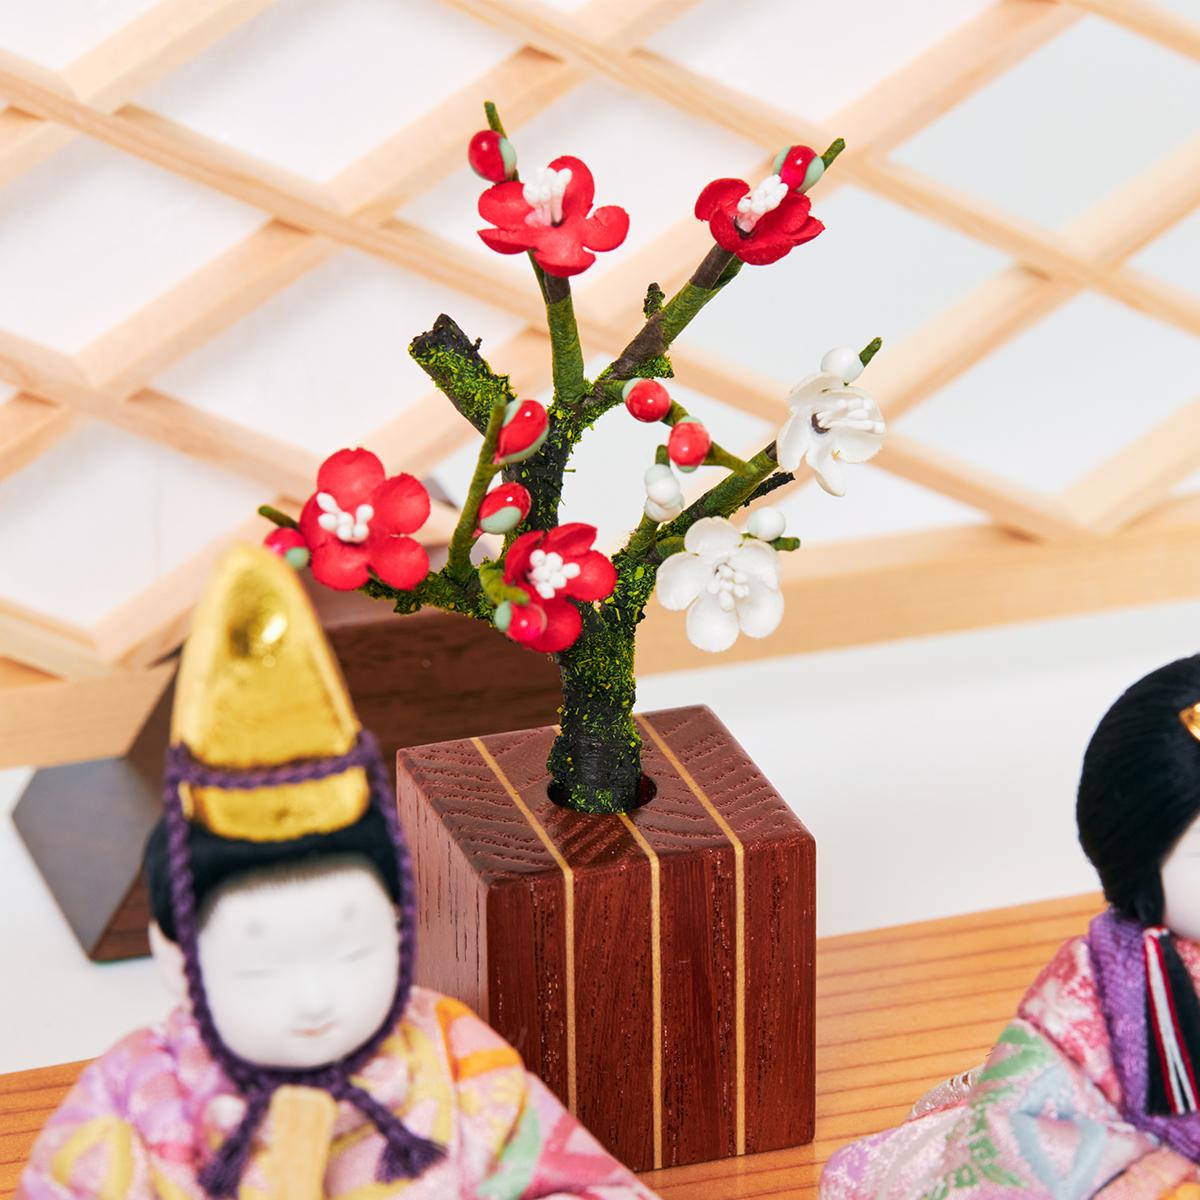 これからの時代を健やかに成長されていくお子さまのそばに、価値ある逸品|柿沼東光(経済産業大臣認定伝統工芸士)× 大沼 敦(工業デザイナー)によるモダンな雛人形